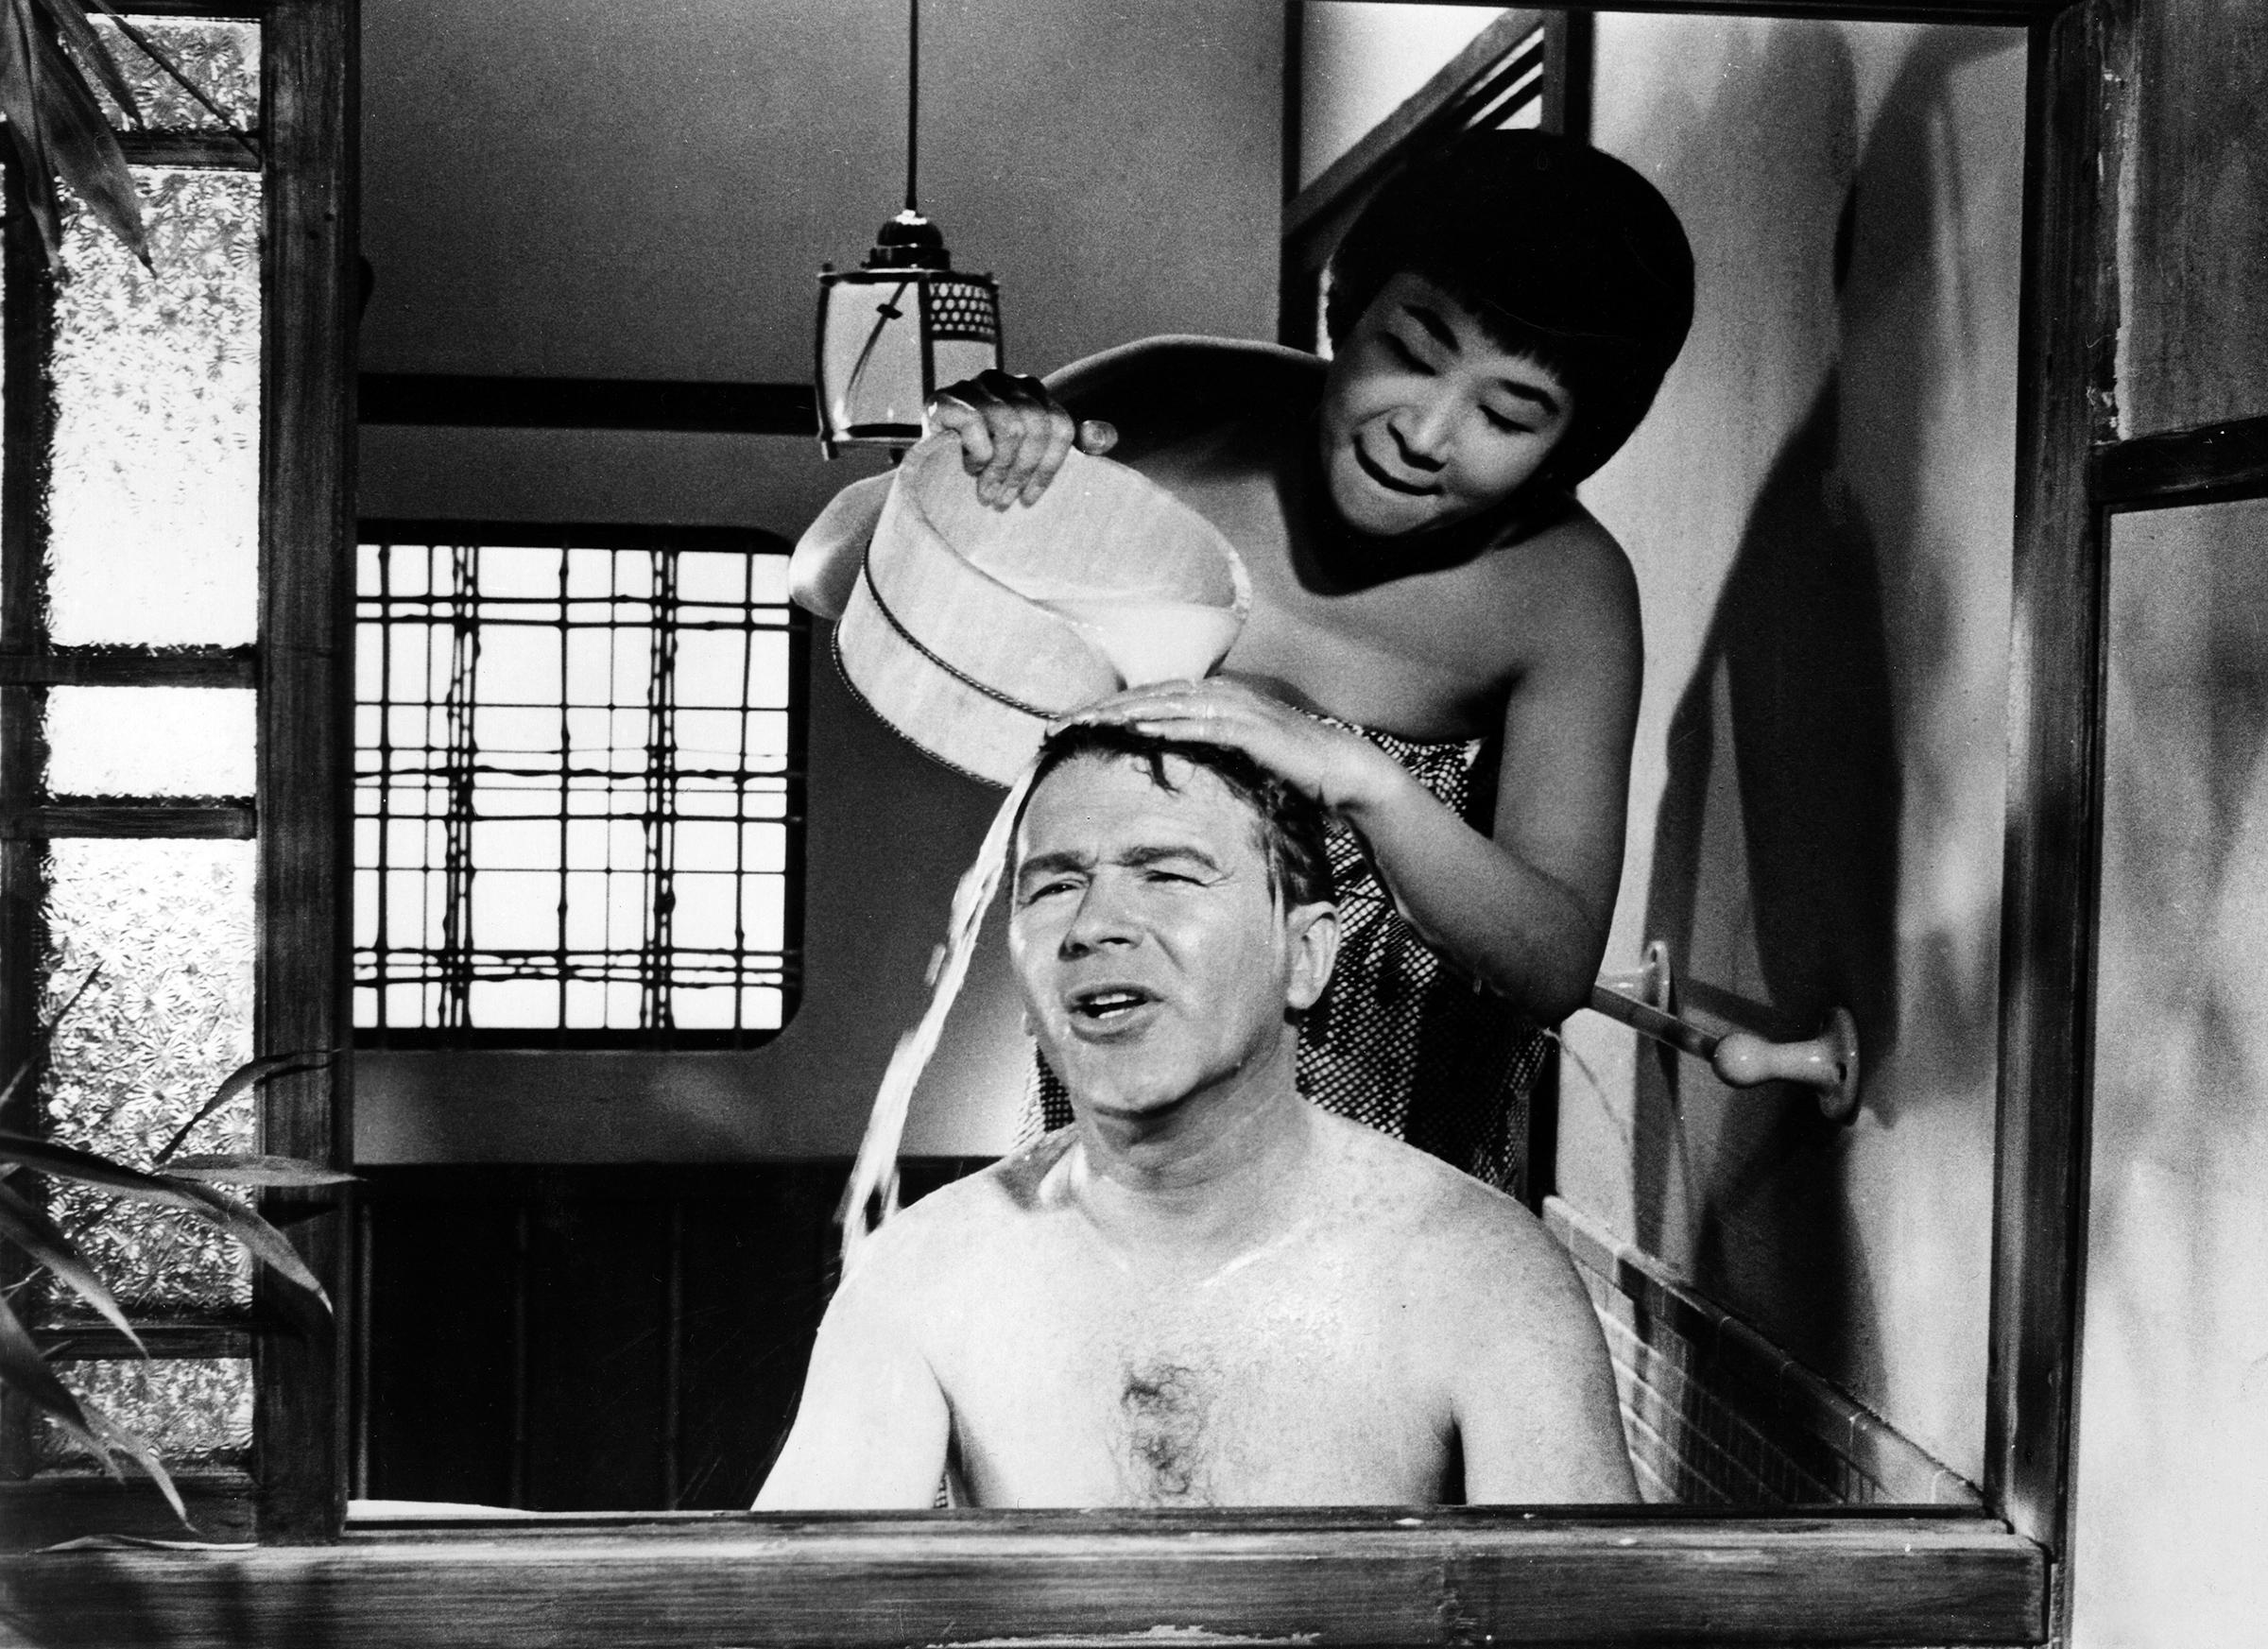 Miyoshi Umeki and Red Buttons in Sayonara, 1957